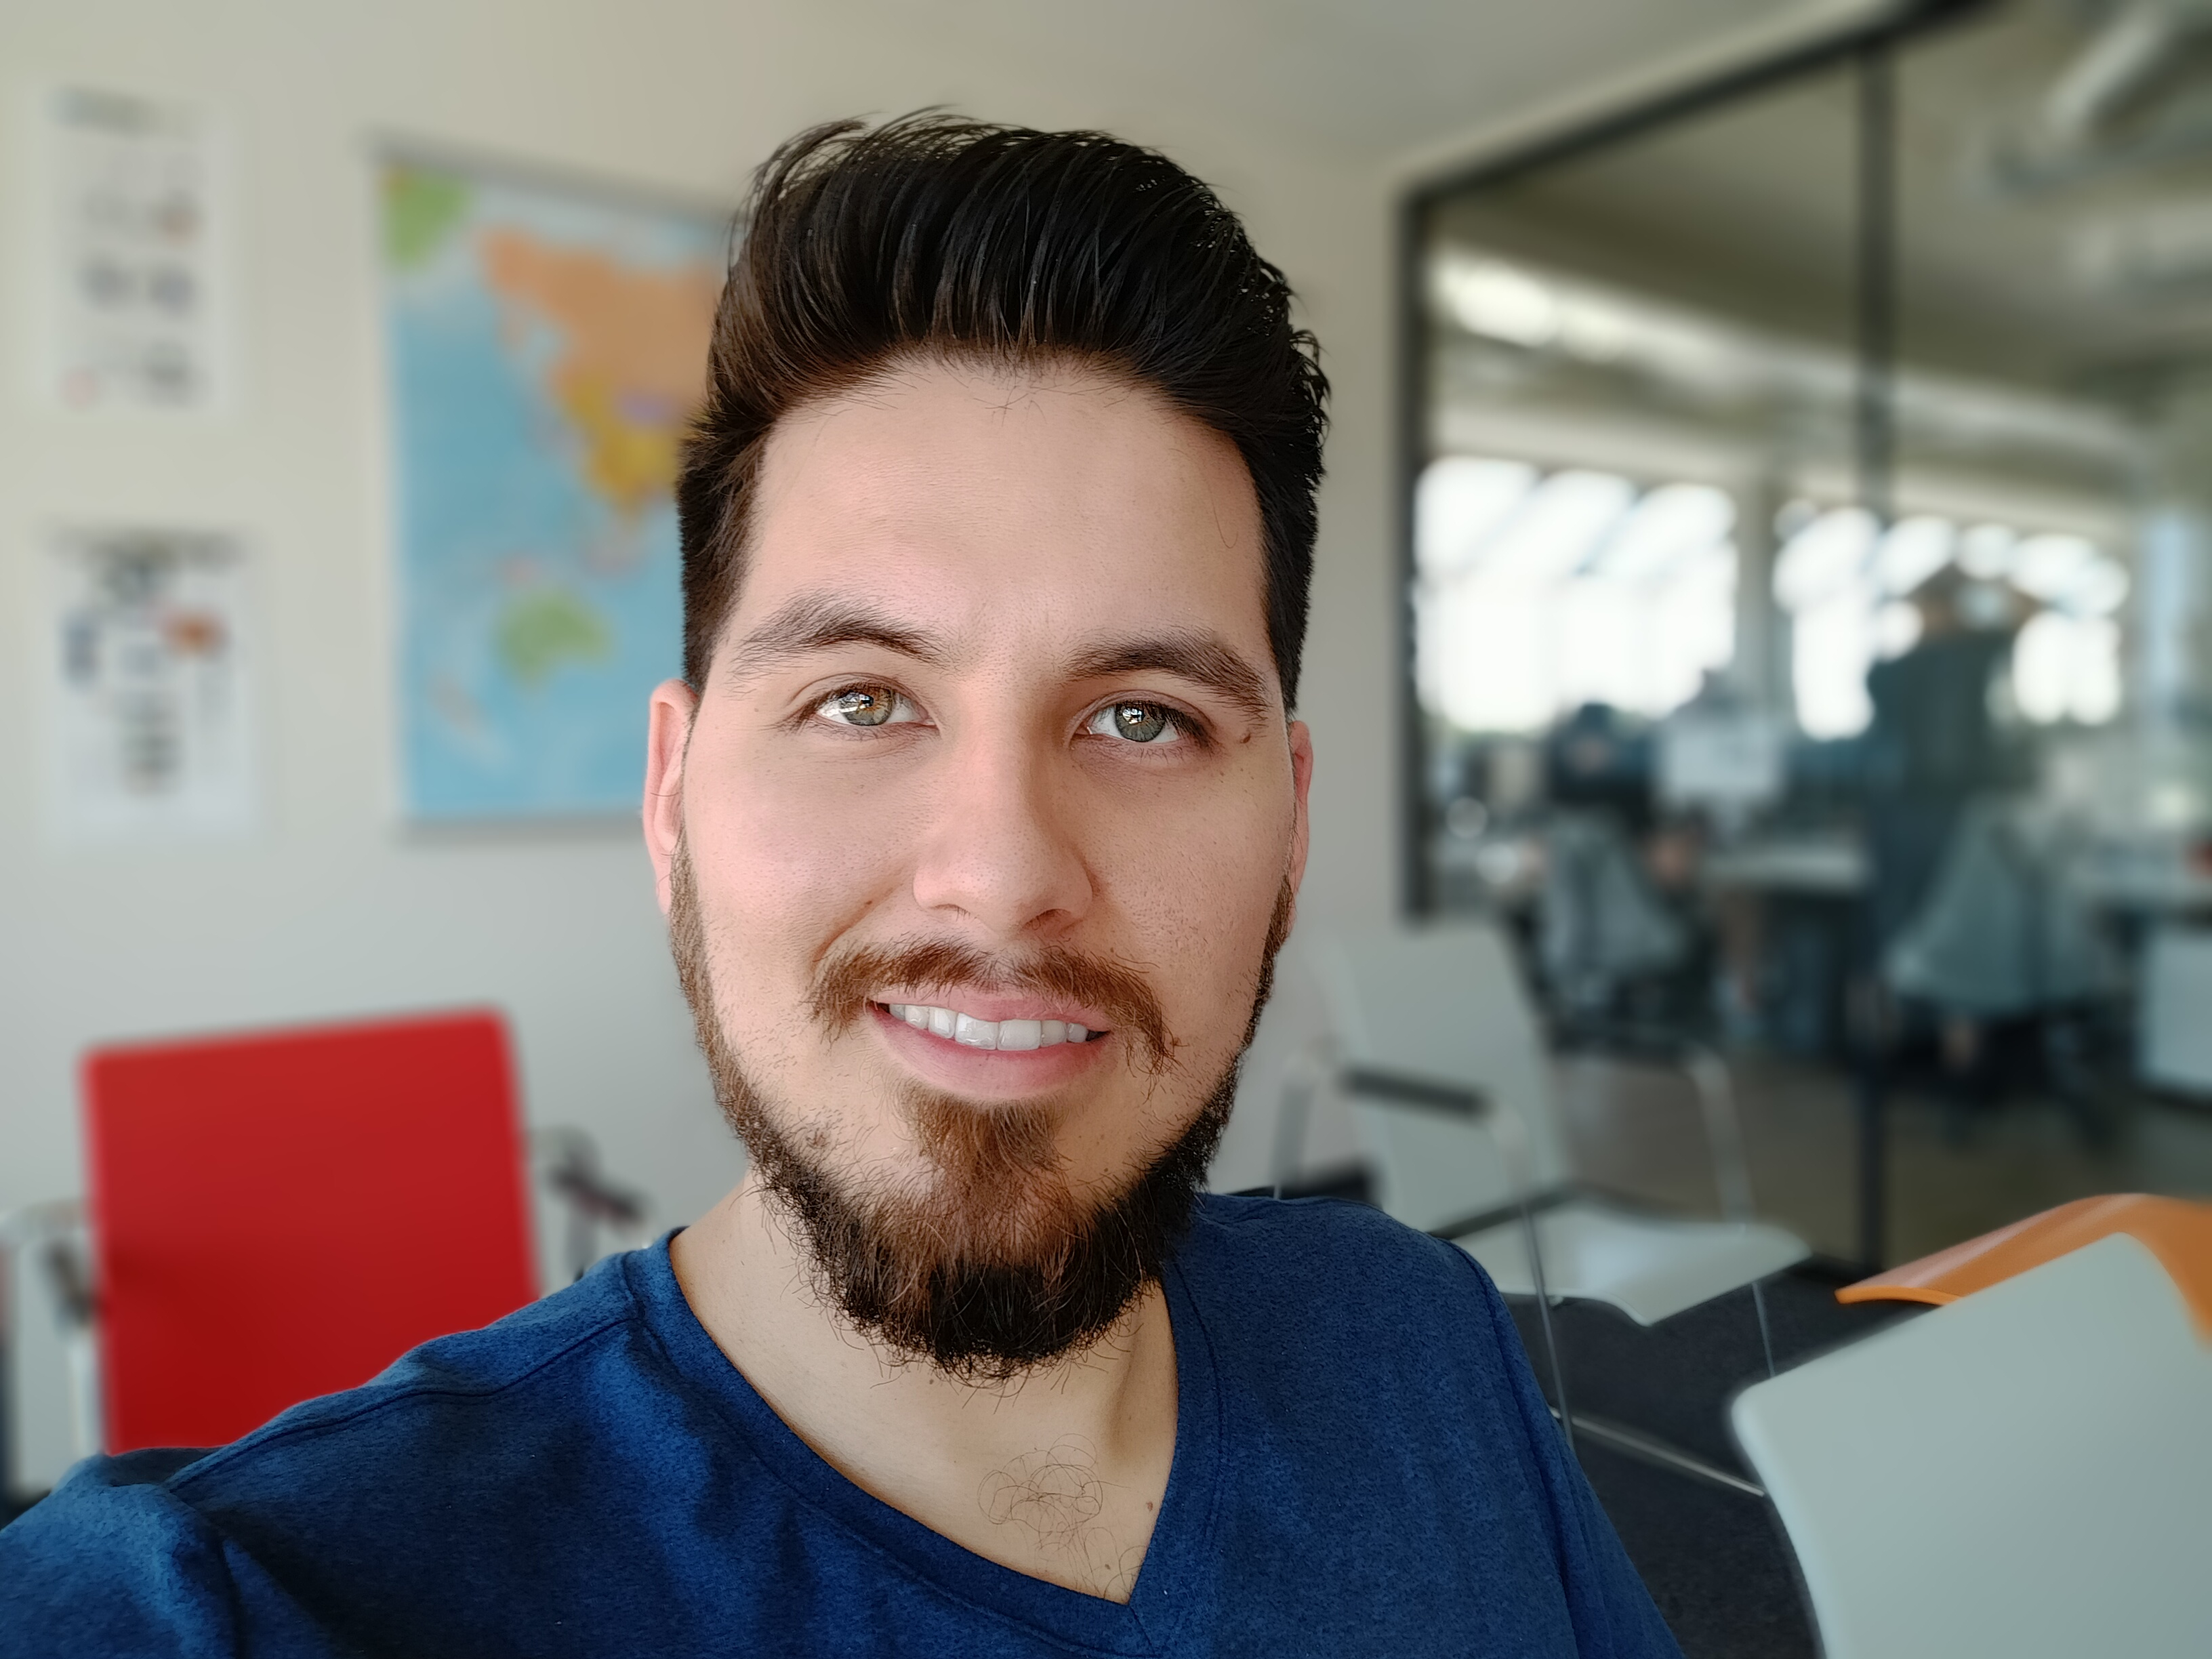 Sforum - Trang thông tin công nghệ mới nhất gsmarena_122 Đánh giá Realme 5: Thiết kế cao cấp, họa tiết lưng đẹp mắt, 4 camera linh hoạt, giá chỉ 3,990,000 đồng